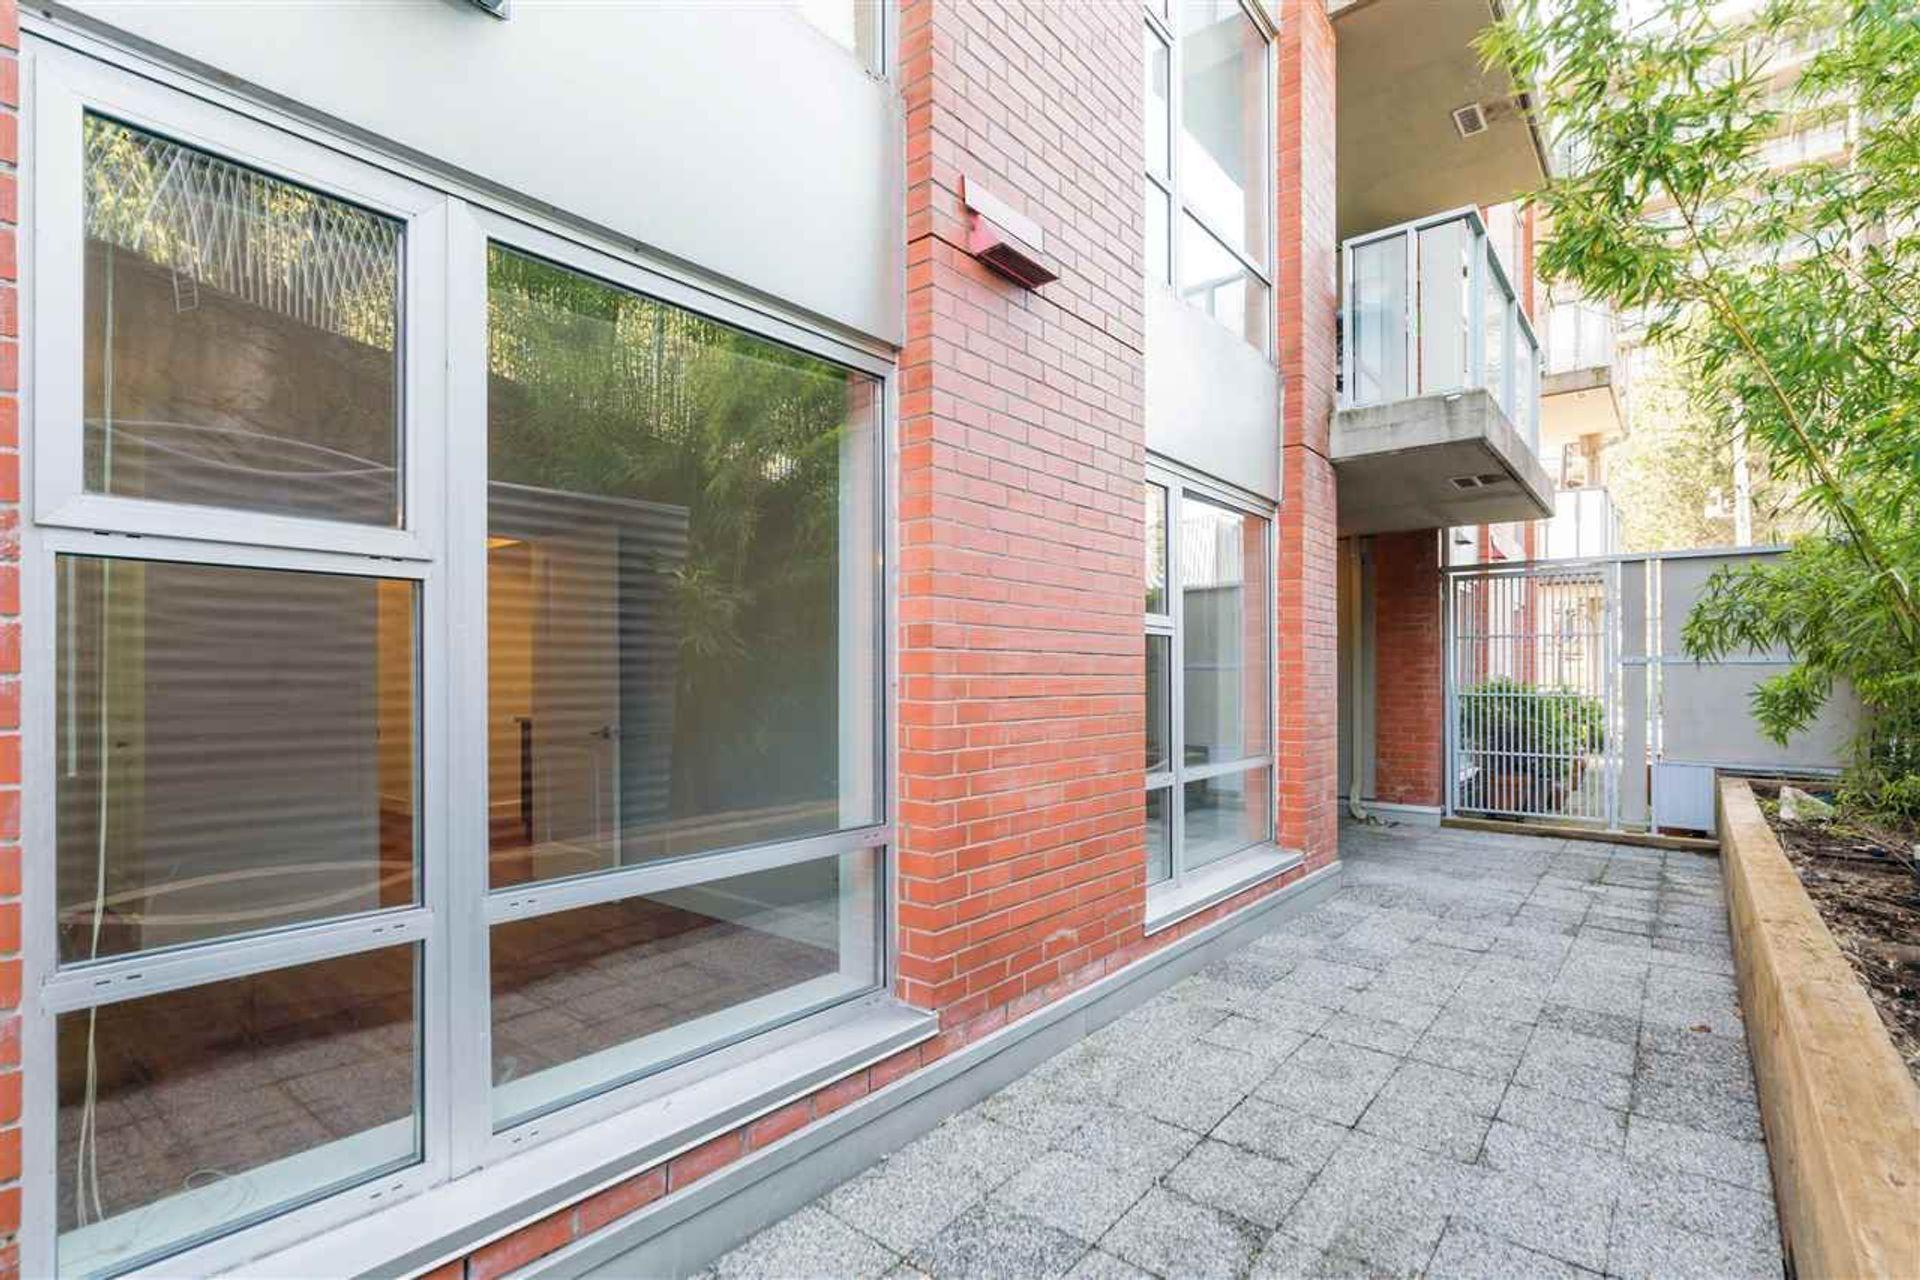 3811-hastings-street-vancouver-heights-burnaby-north-35 at 103 - 3811 Hastings Street, Vancouver Heights, Burnaby North